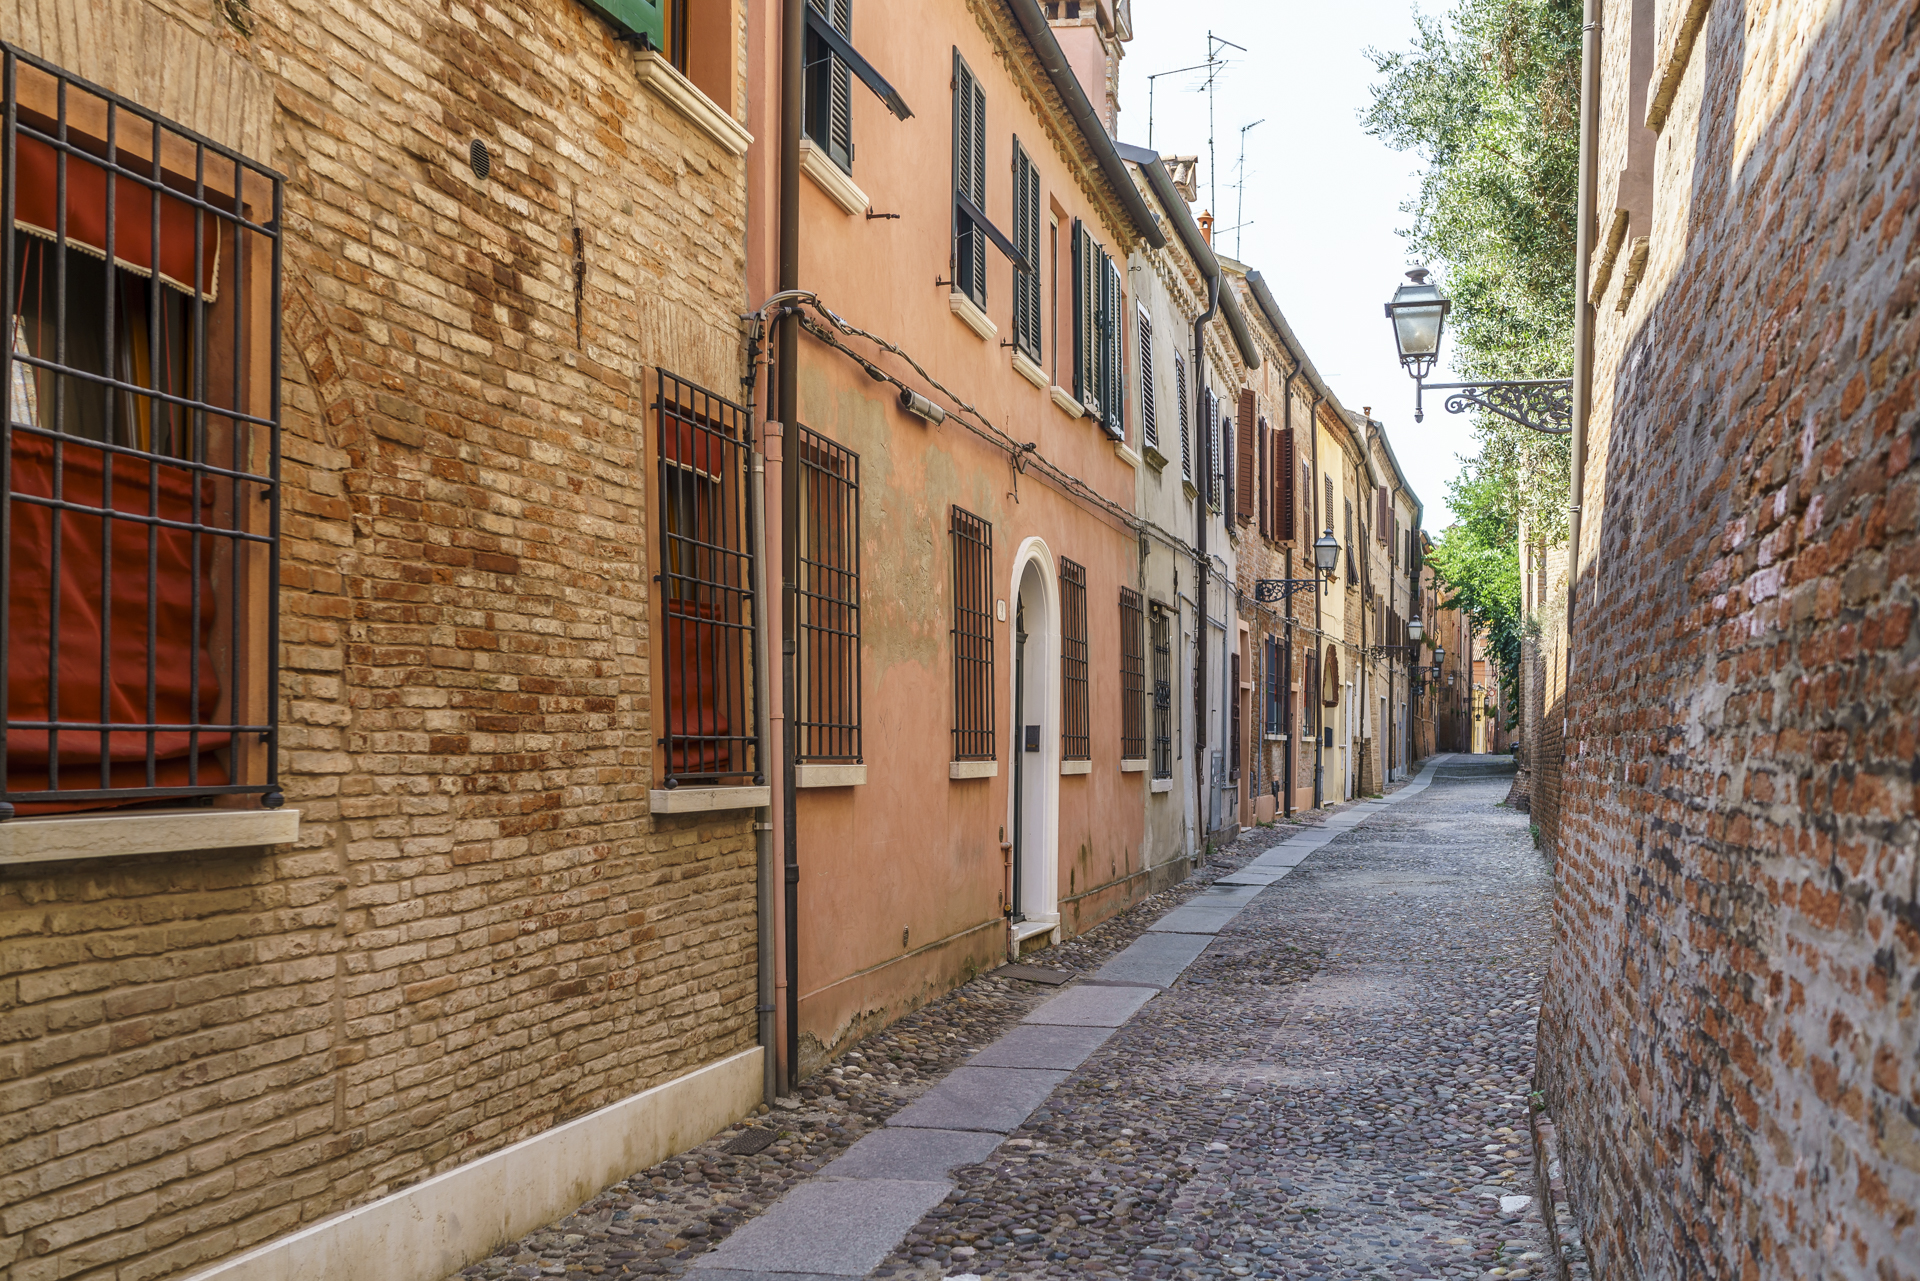 Ferrara-Italien-Gassen